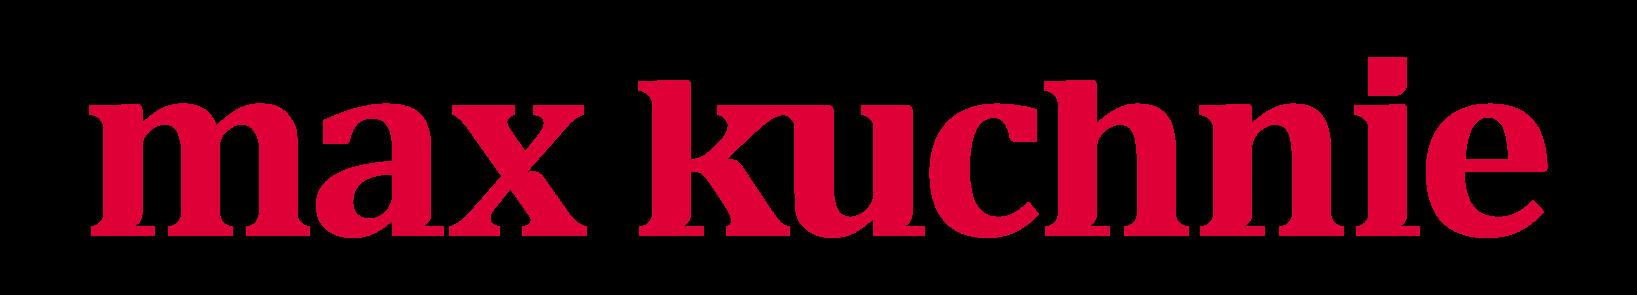 logo maxkuchnie poziom